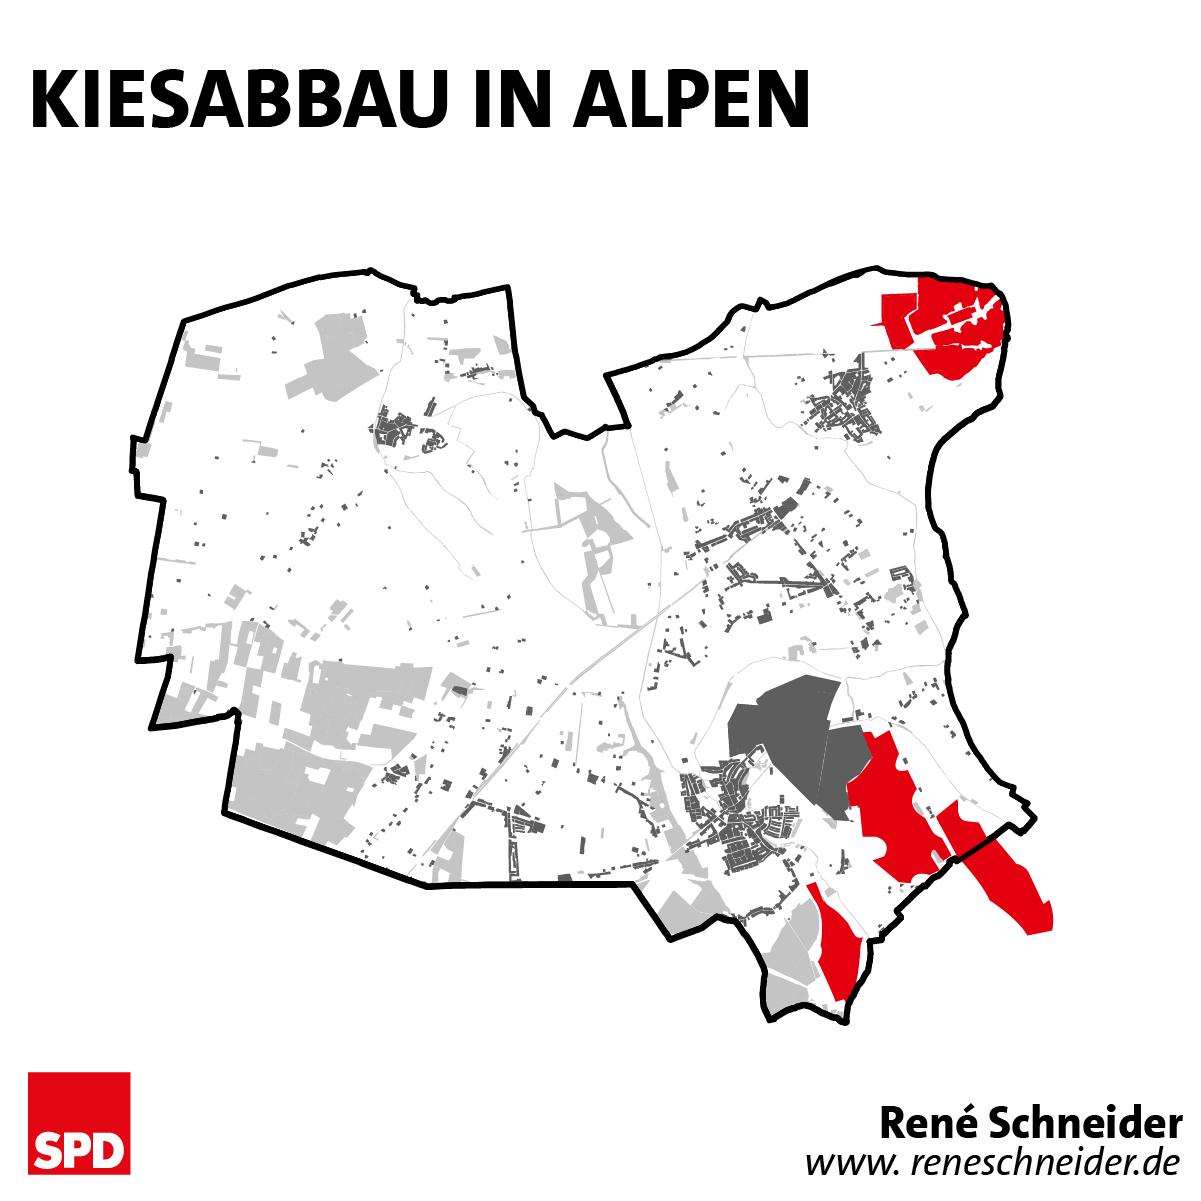 Kiesabbau in Alpen